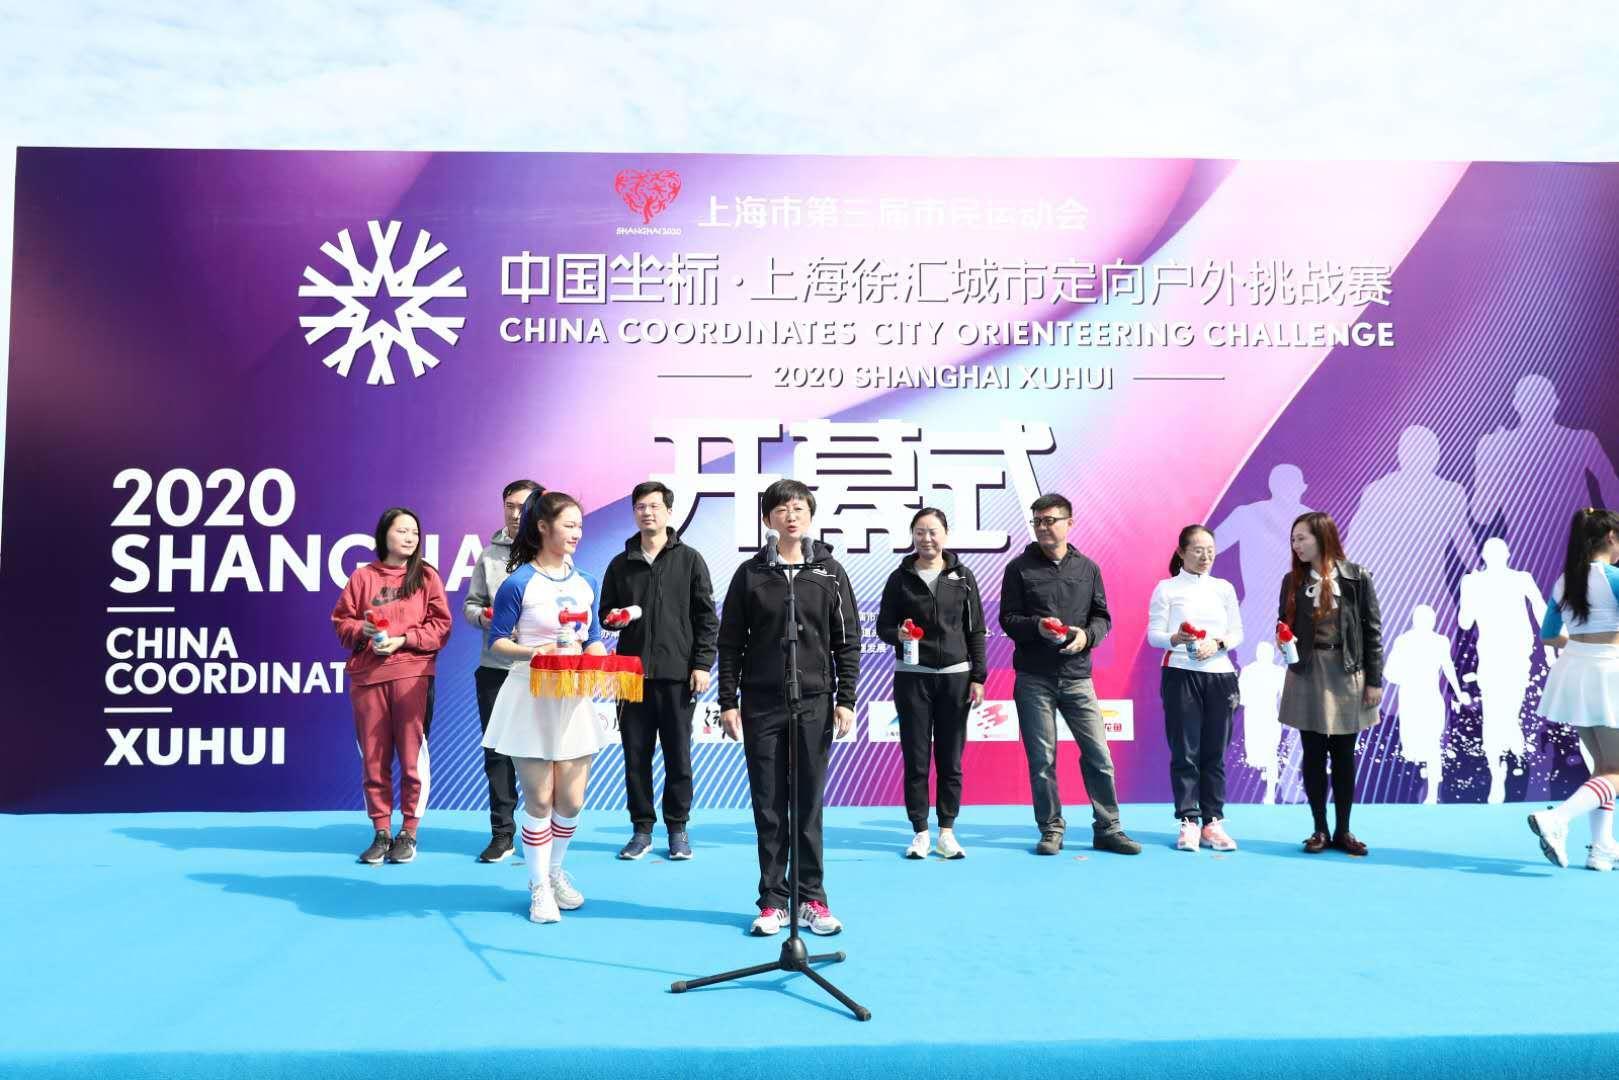 中国坐标城市定向赛徐汇站开跑 打造独有赛事文化